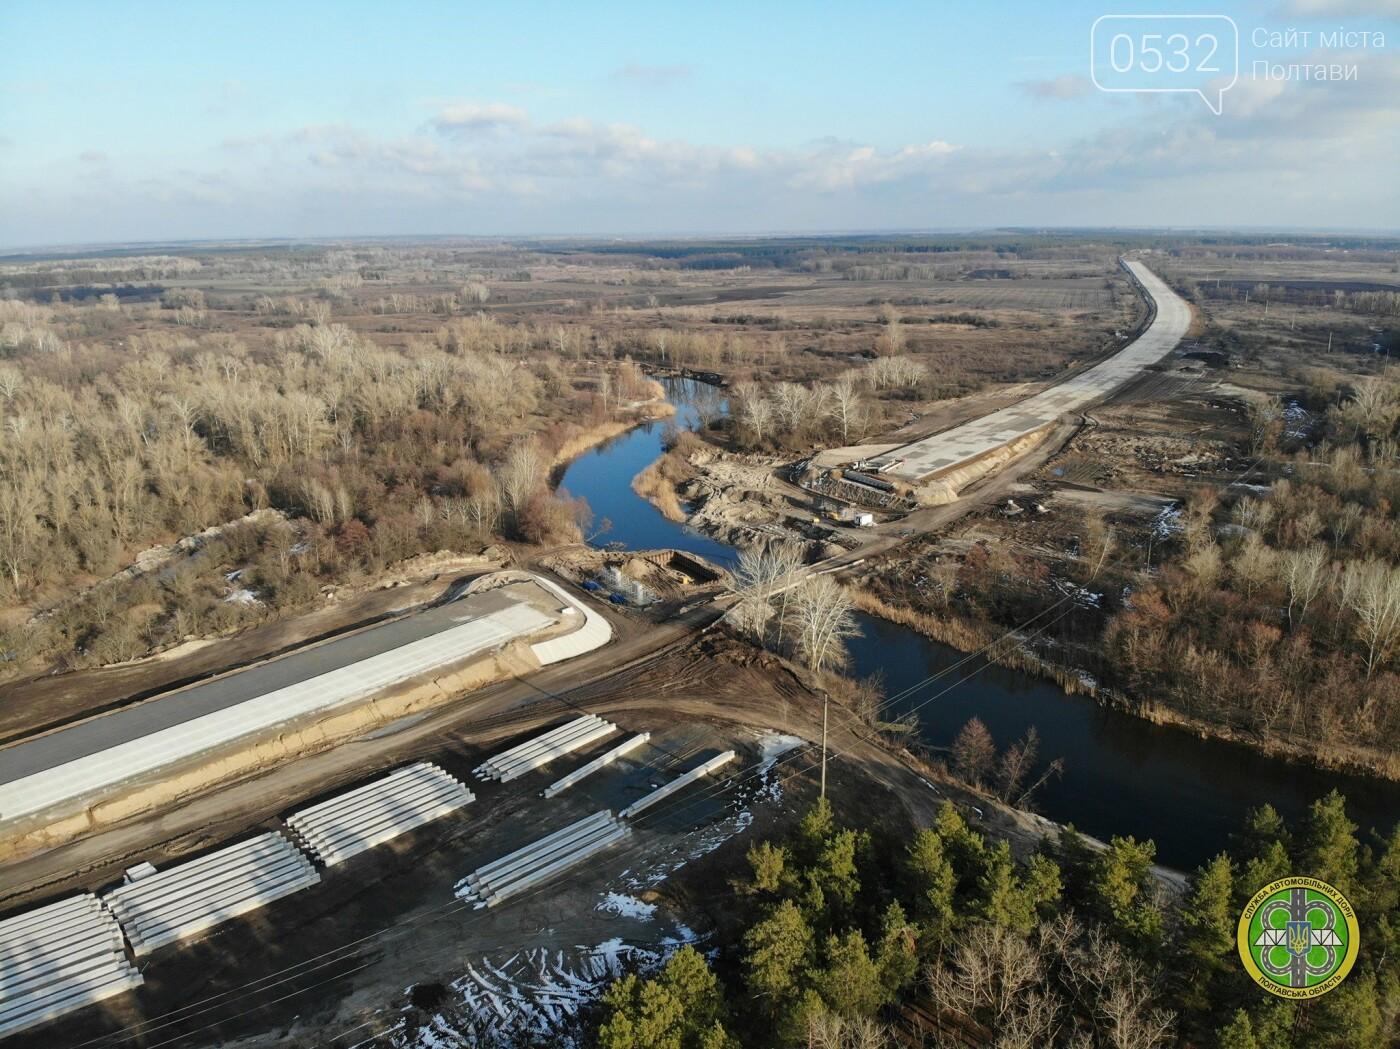 На Полтавщині продовжили реконструкцію автотраси та мосту через Ворсклу, фото-3